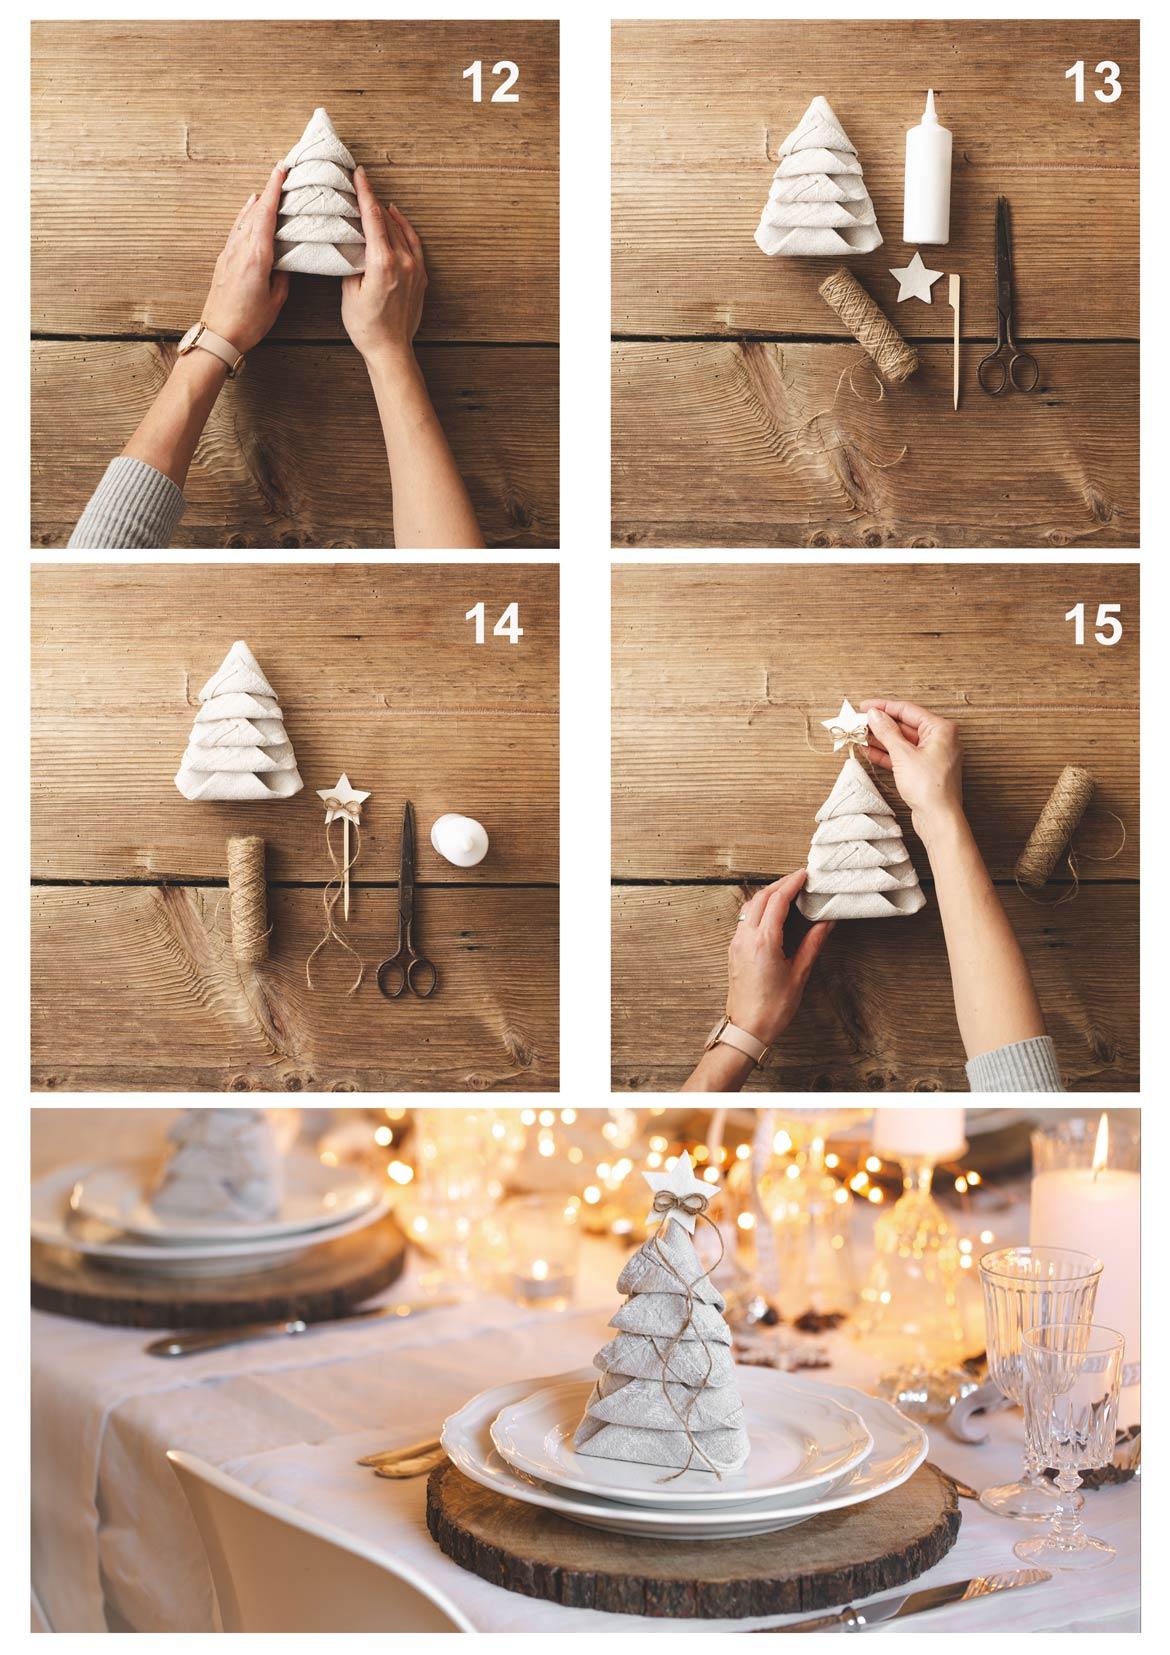 Servietten falten, serivetten tannenbaum, diy, falten, servietten weihnachten, weihnachtstafel